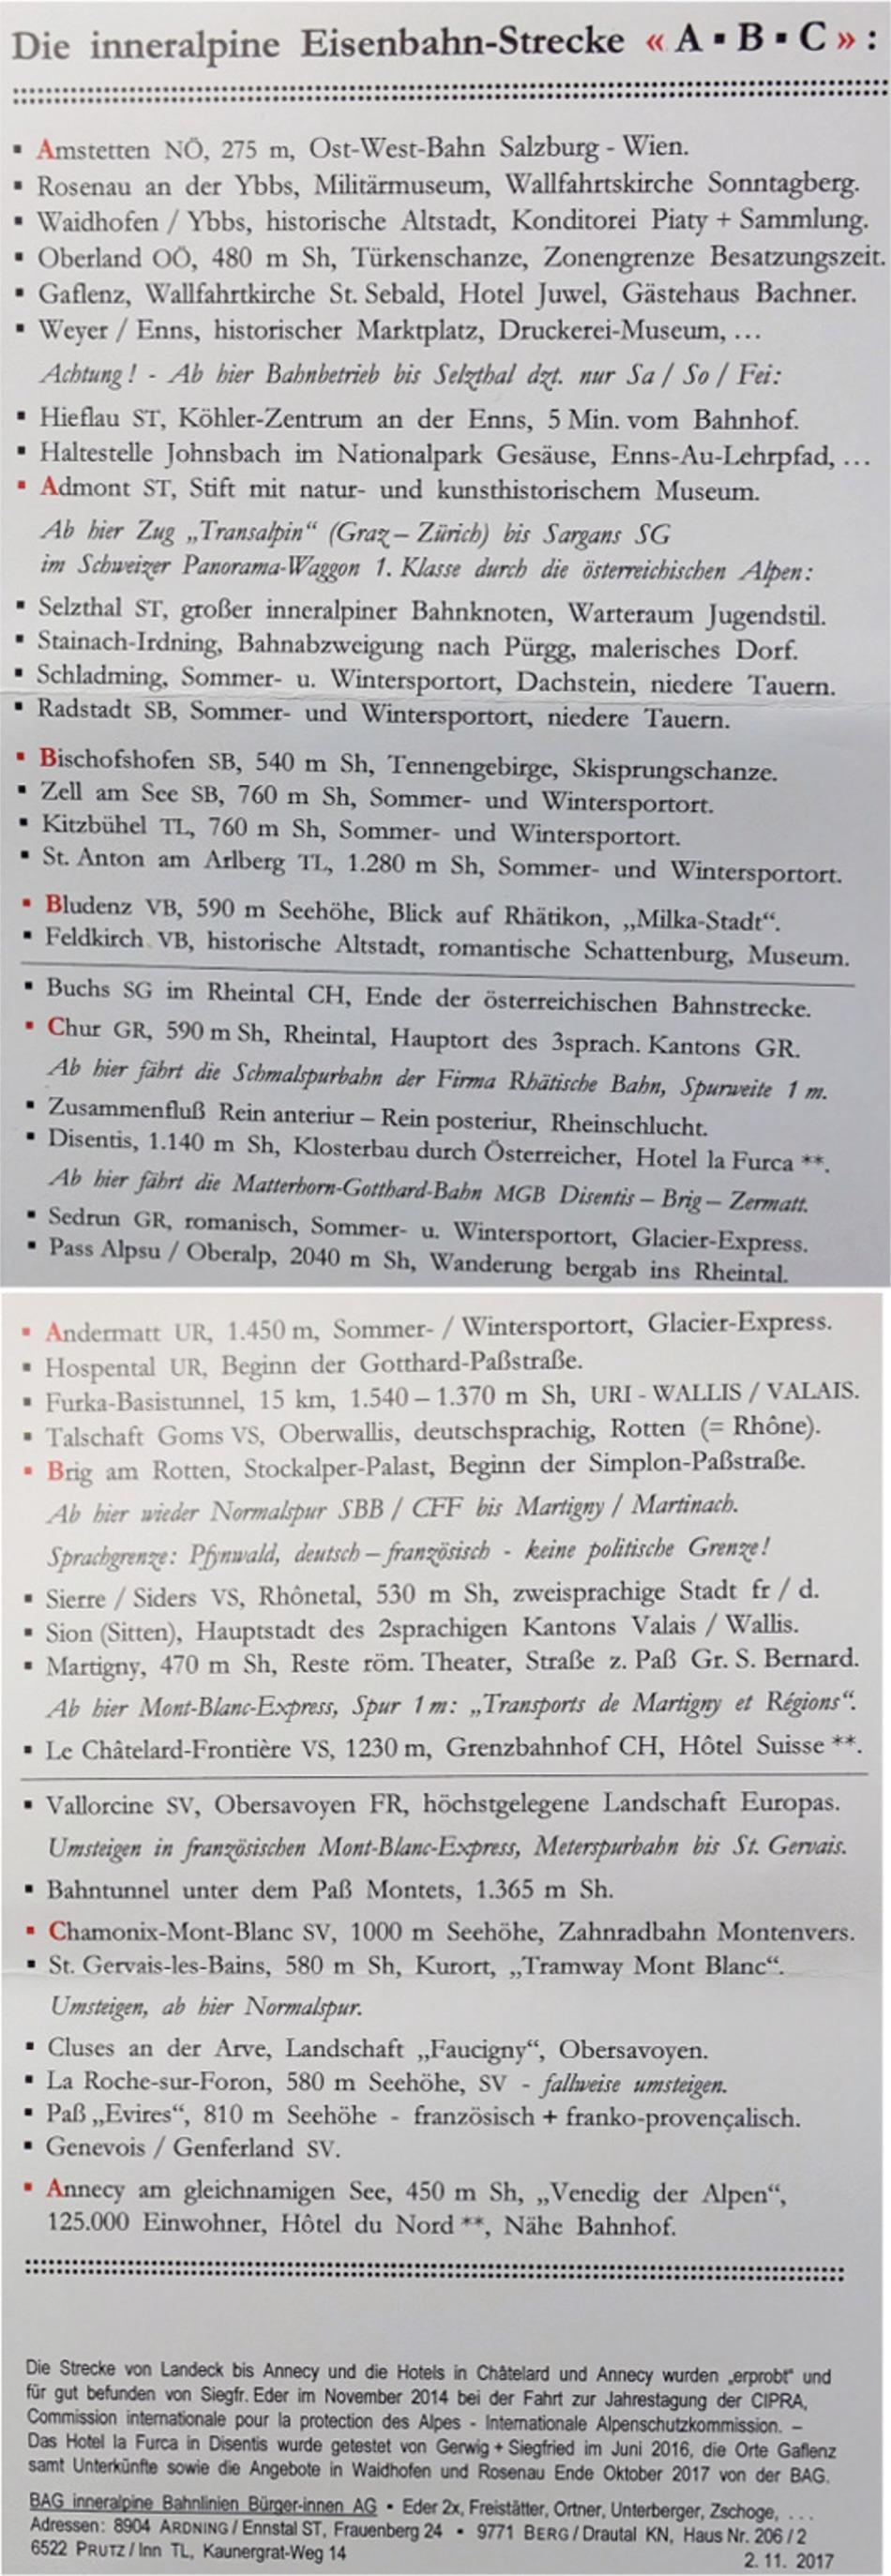 Inneralpine Eisenbahnstrecke Österreich Schweiz Frankreich